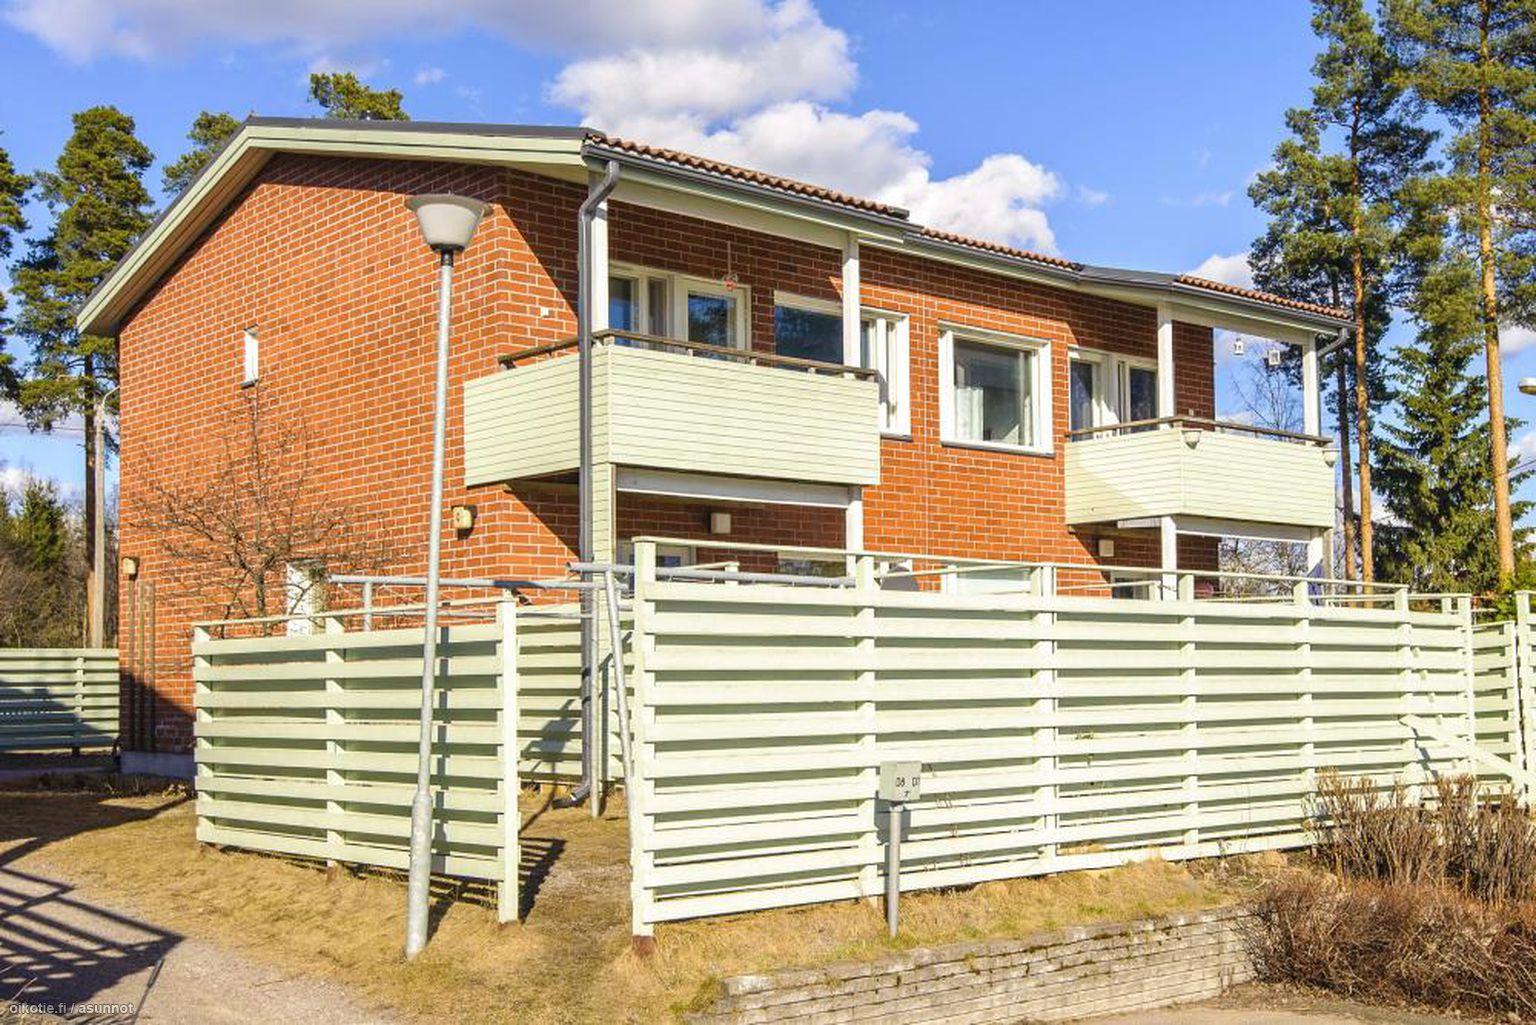 90 m² Kehäkukantie 44, 01390 Vantaa Rivitalo 4h myynnissä - Oikotie 5119793